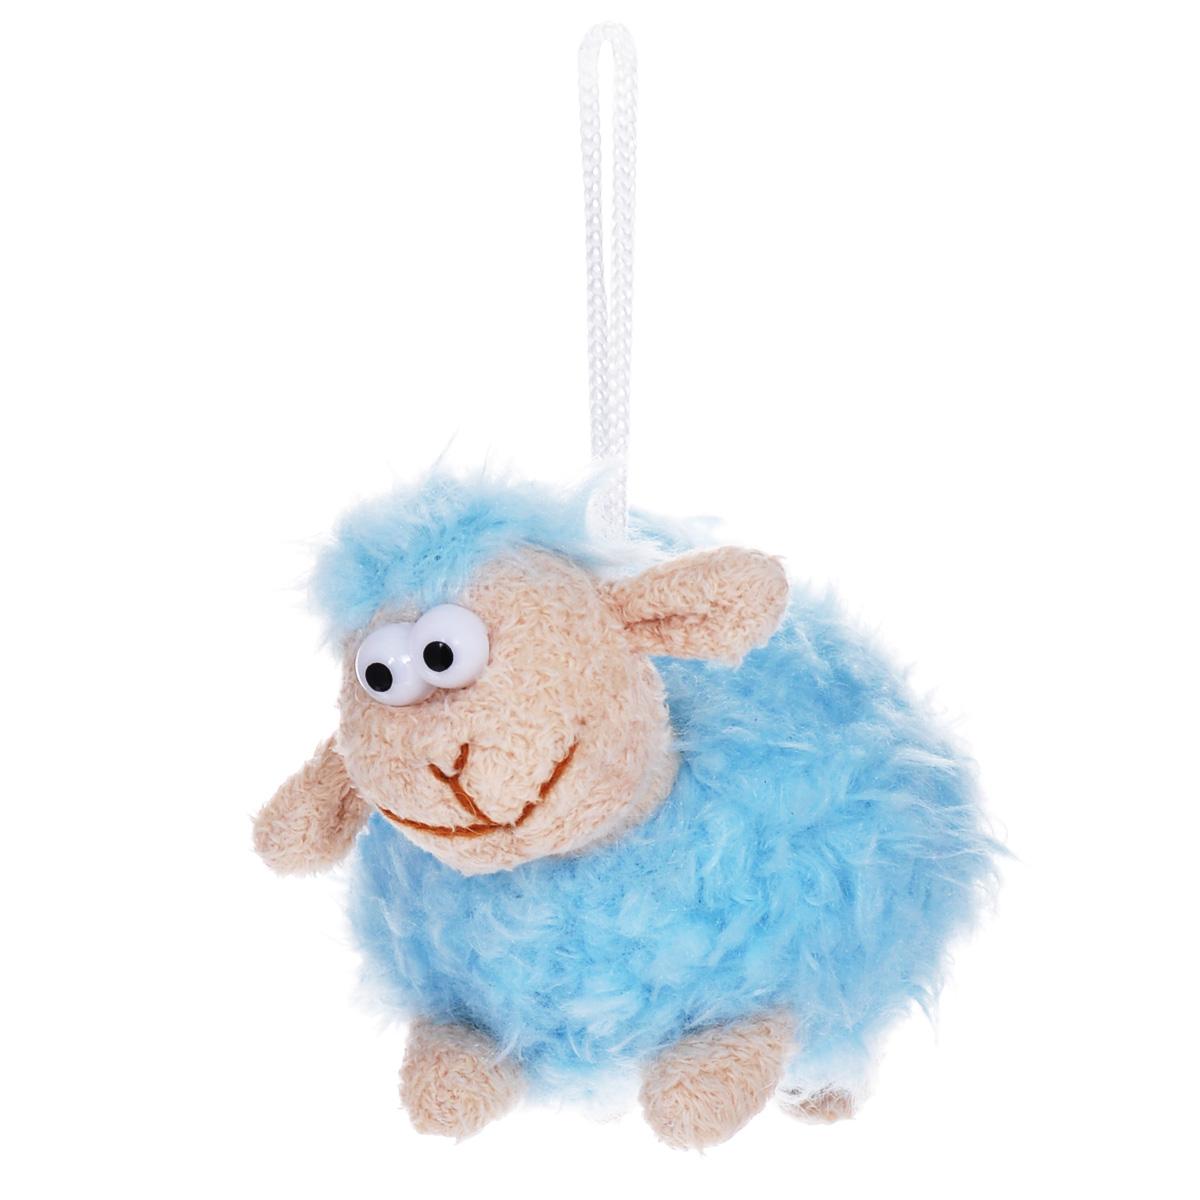 Мягкая игрушка-подвеска Sima-land Овечка, цвет: голубой, 8 см. 332801 мягкая игрушка sima land овечка на присосках 18 см 332770